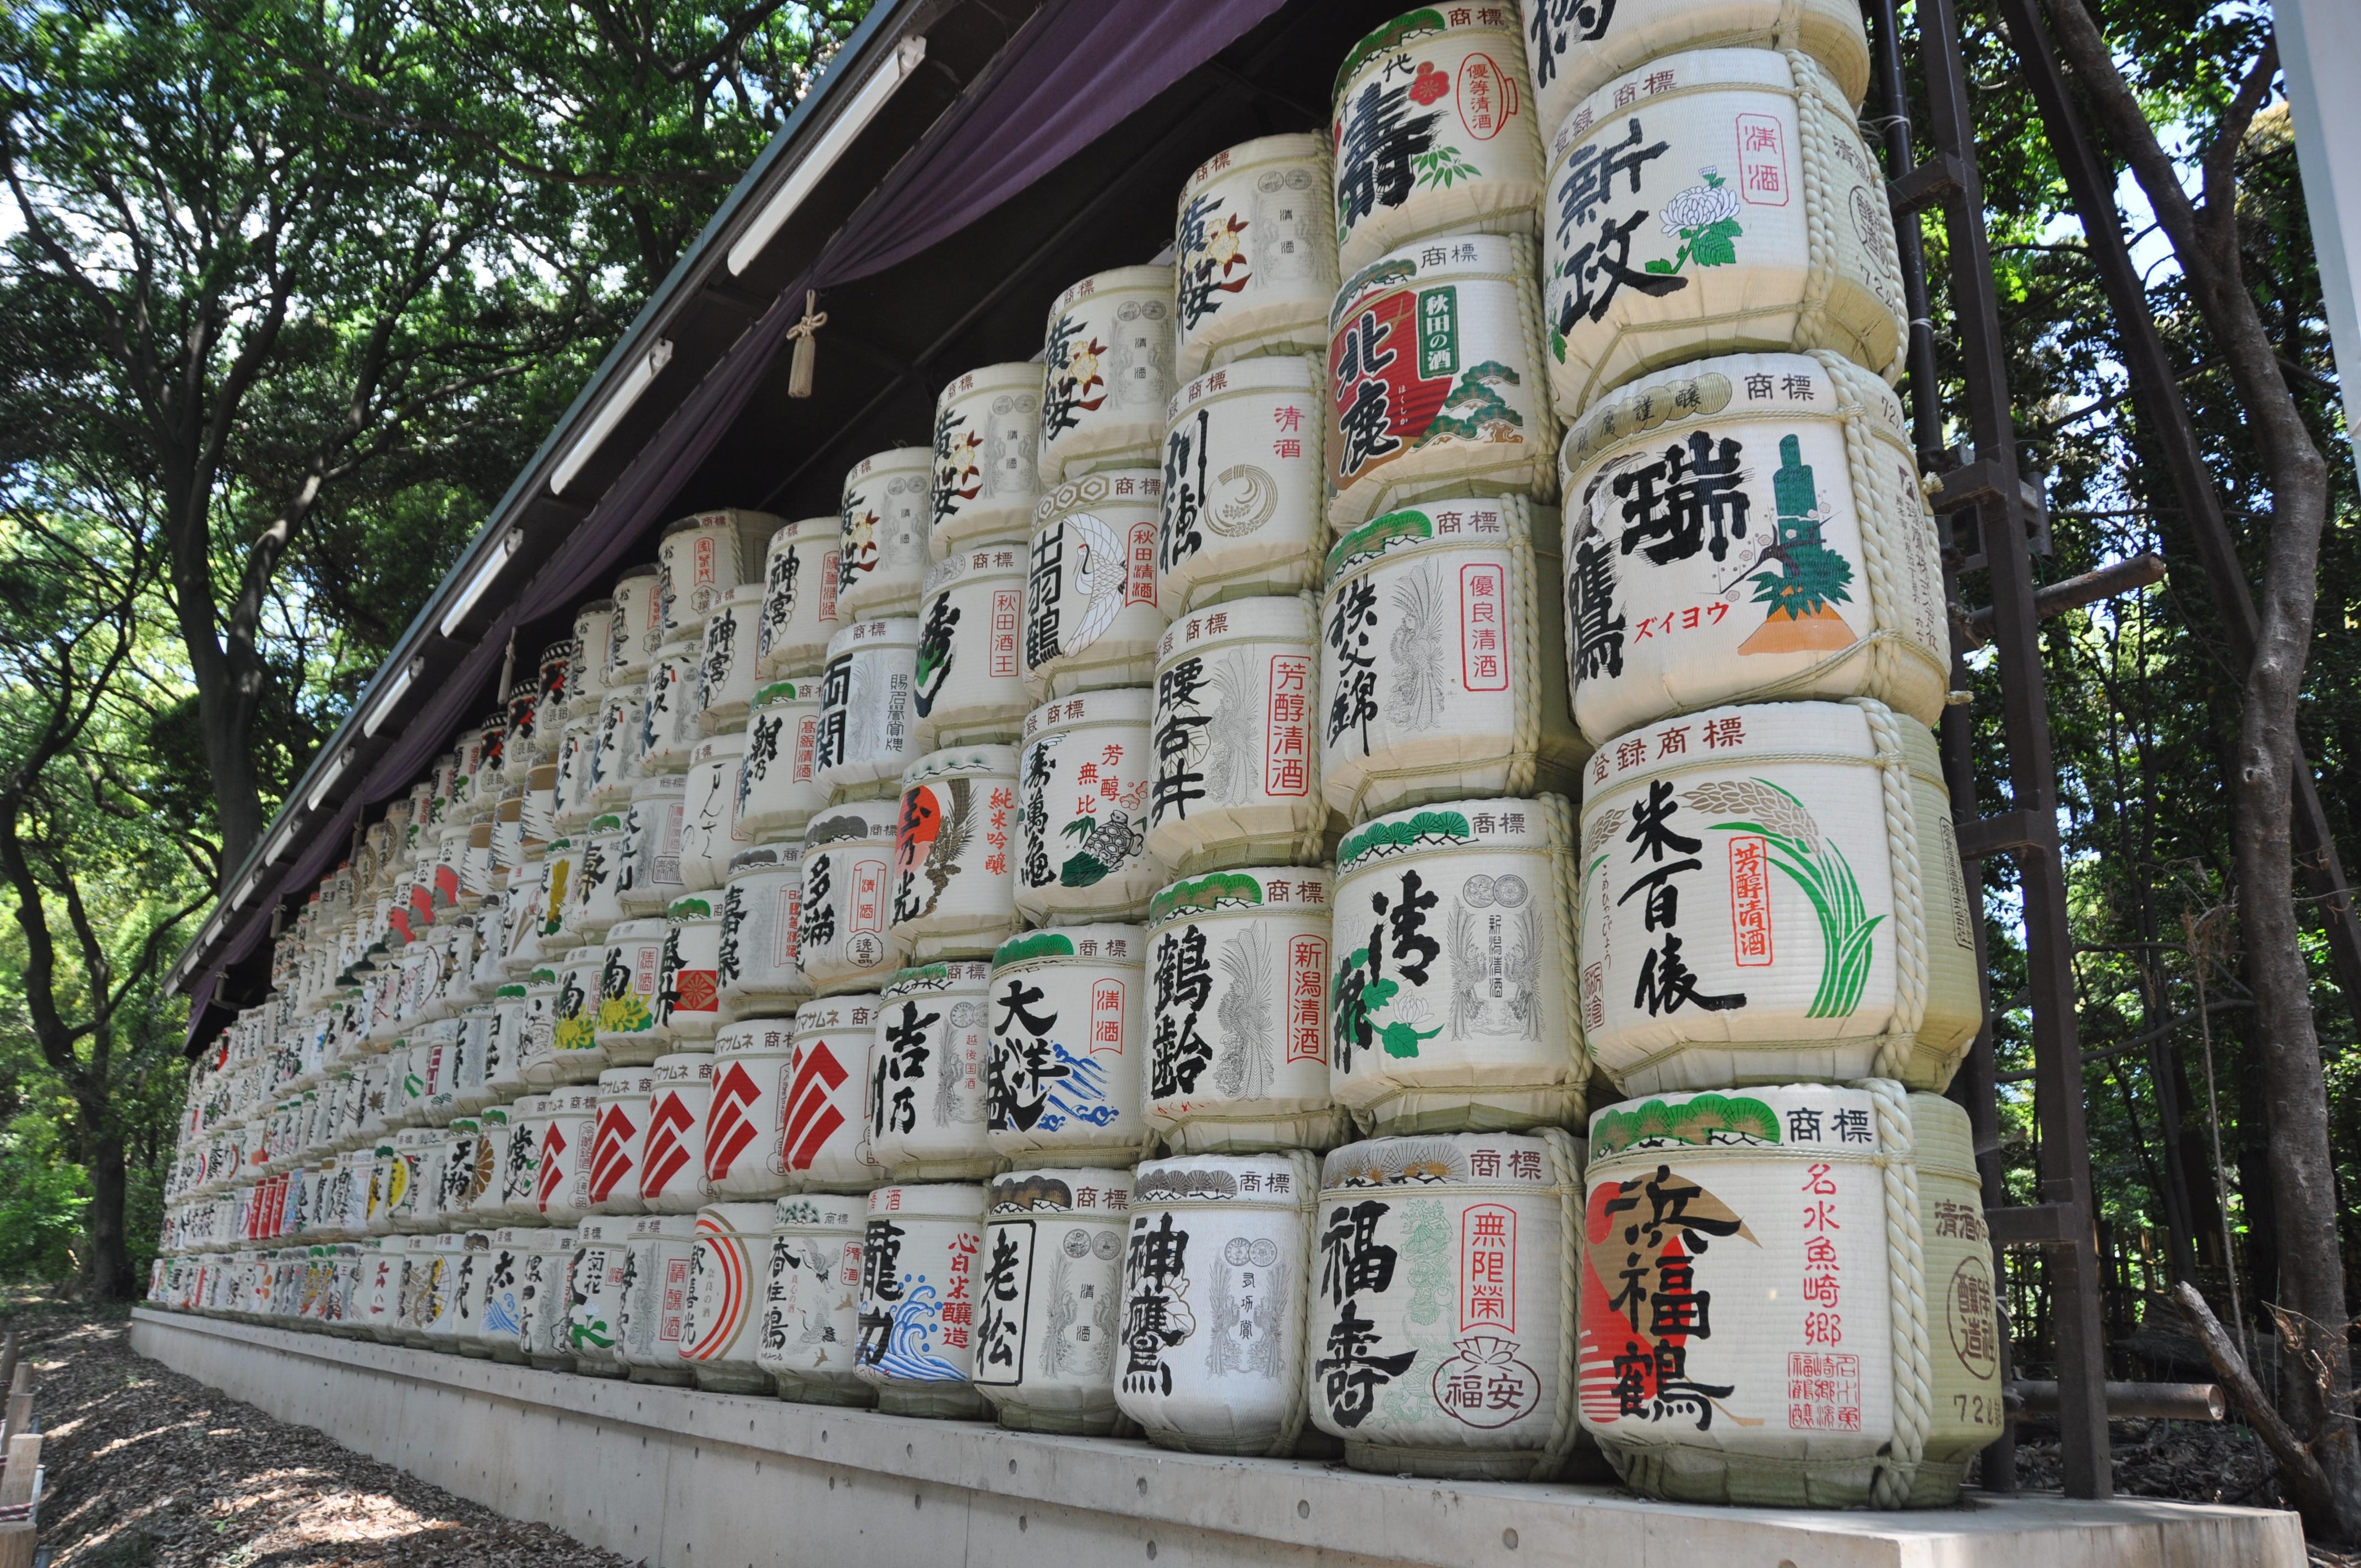 图片素材 壁 亚洲 地标 观光 日本 艺术 东京 清酒 市区 明治